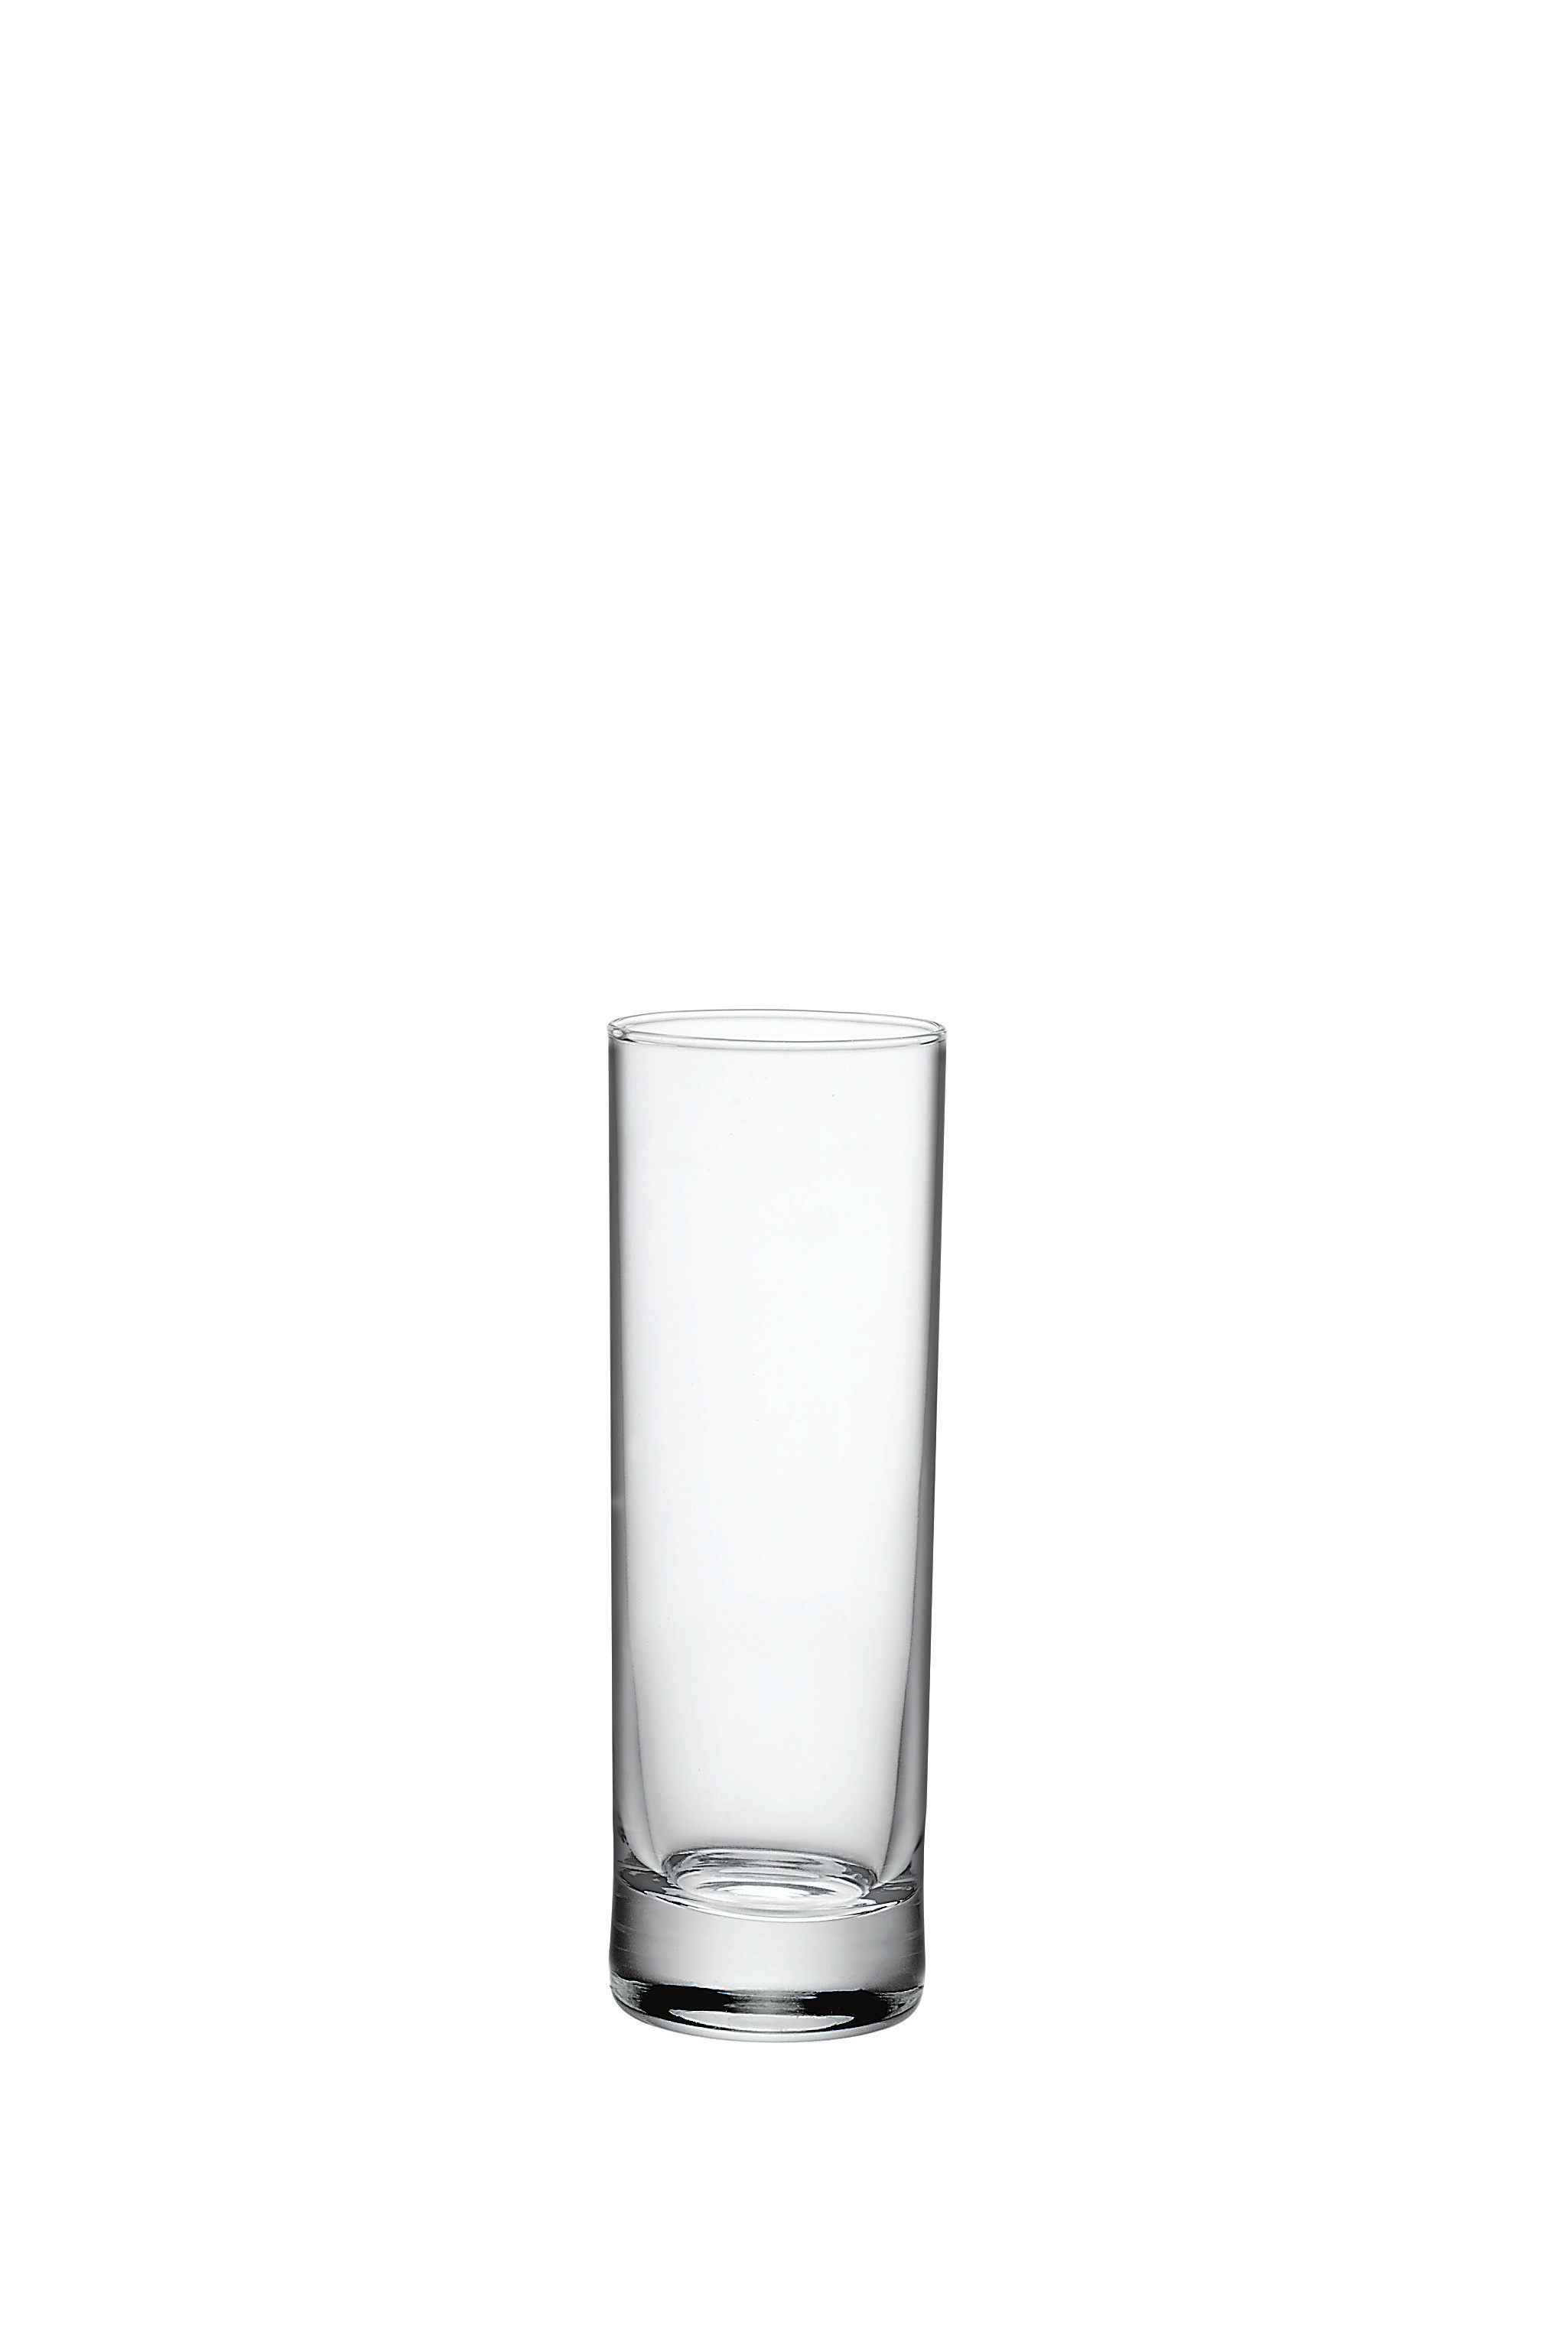 Sklenice GINA, 330 ml